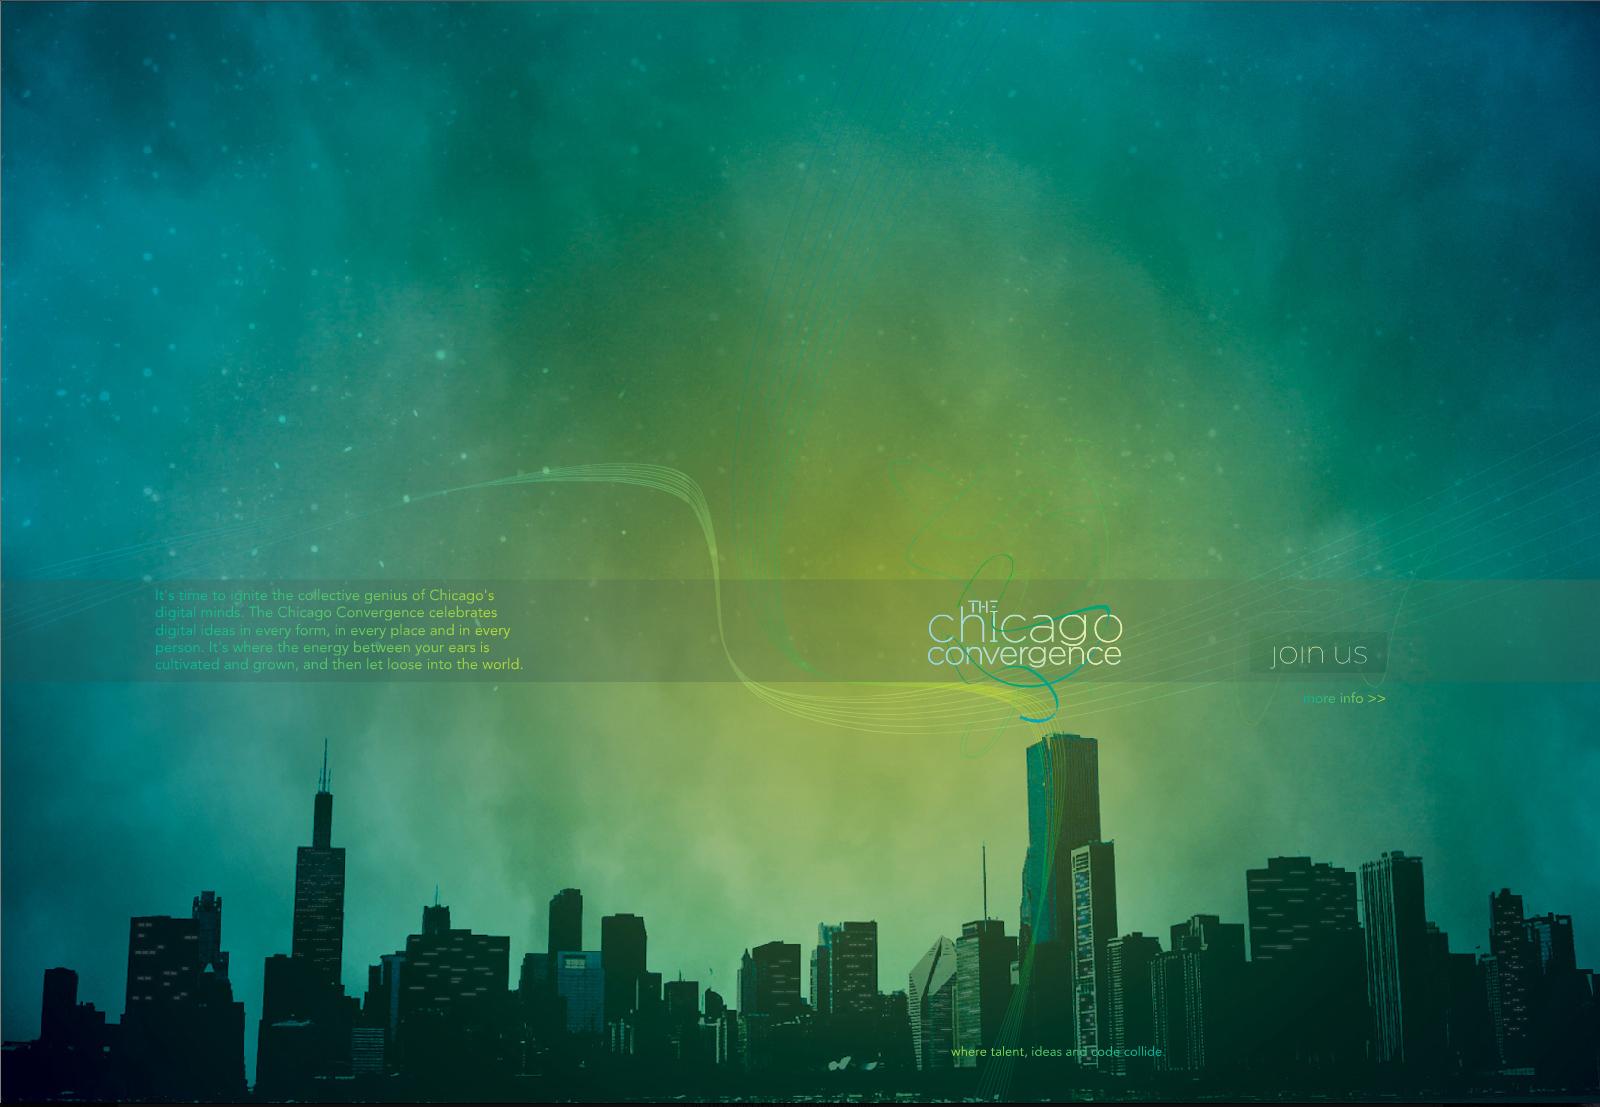 chicago convergence home_o.jpg